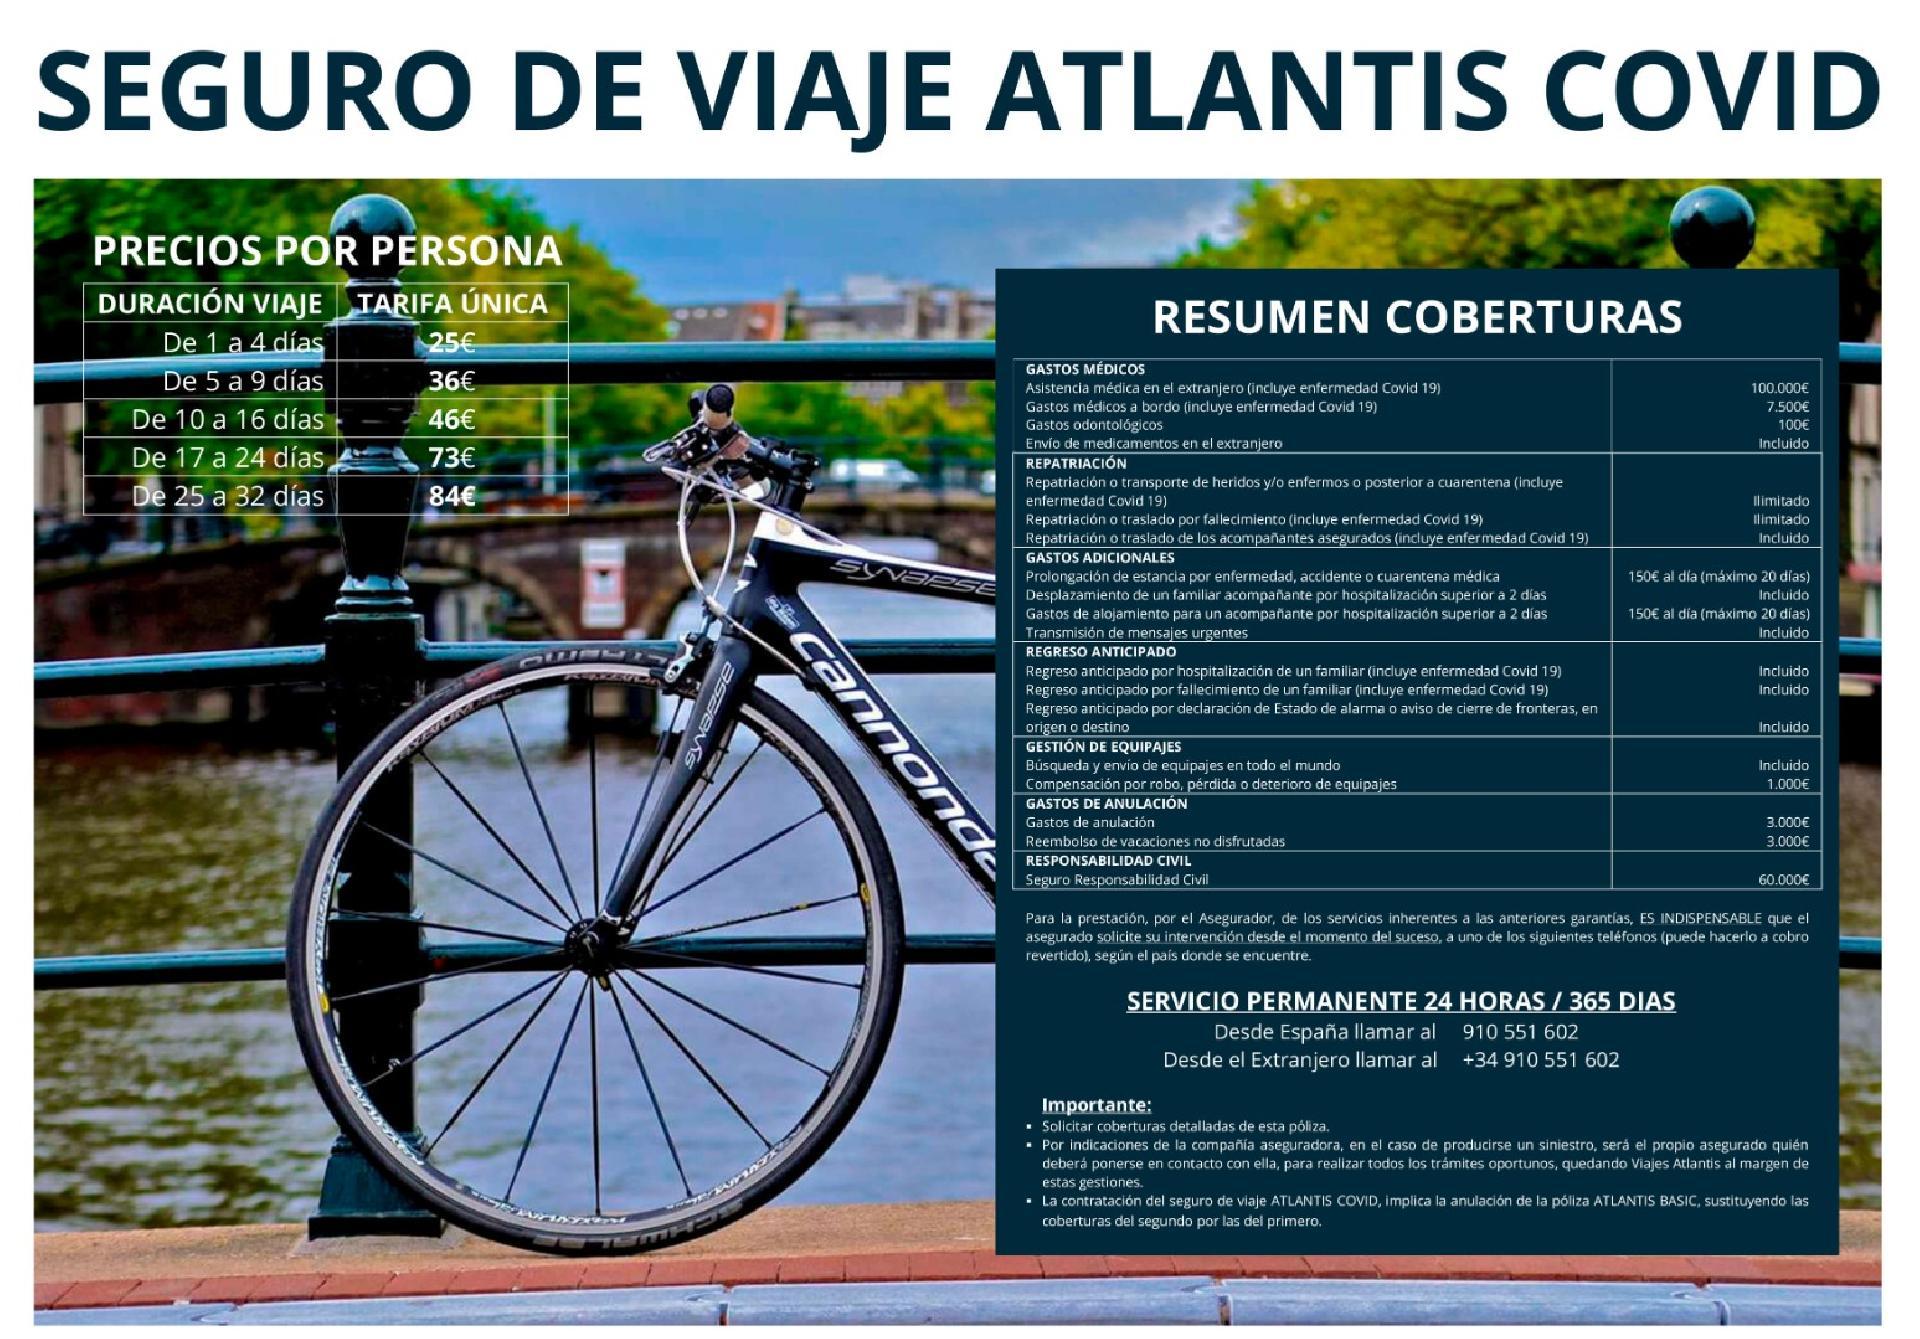 Seguro de Viaje ATLANTIS COVID